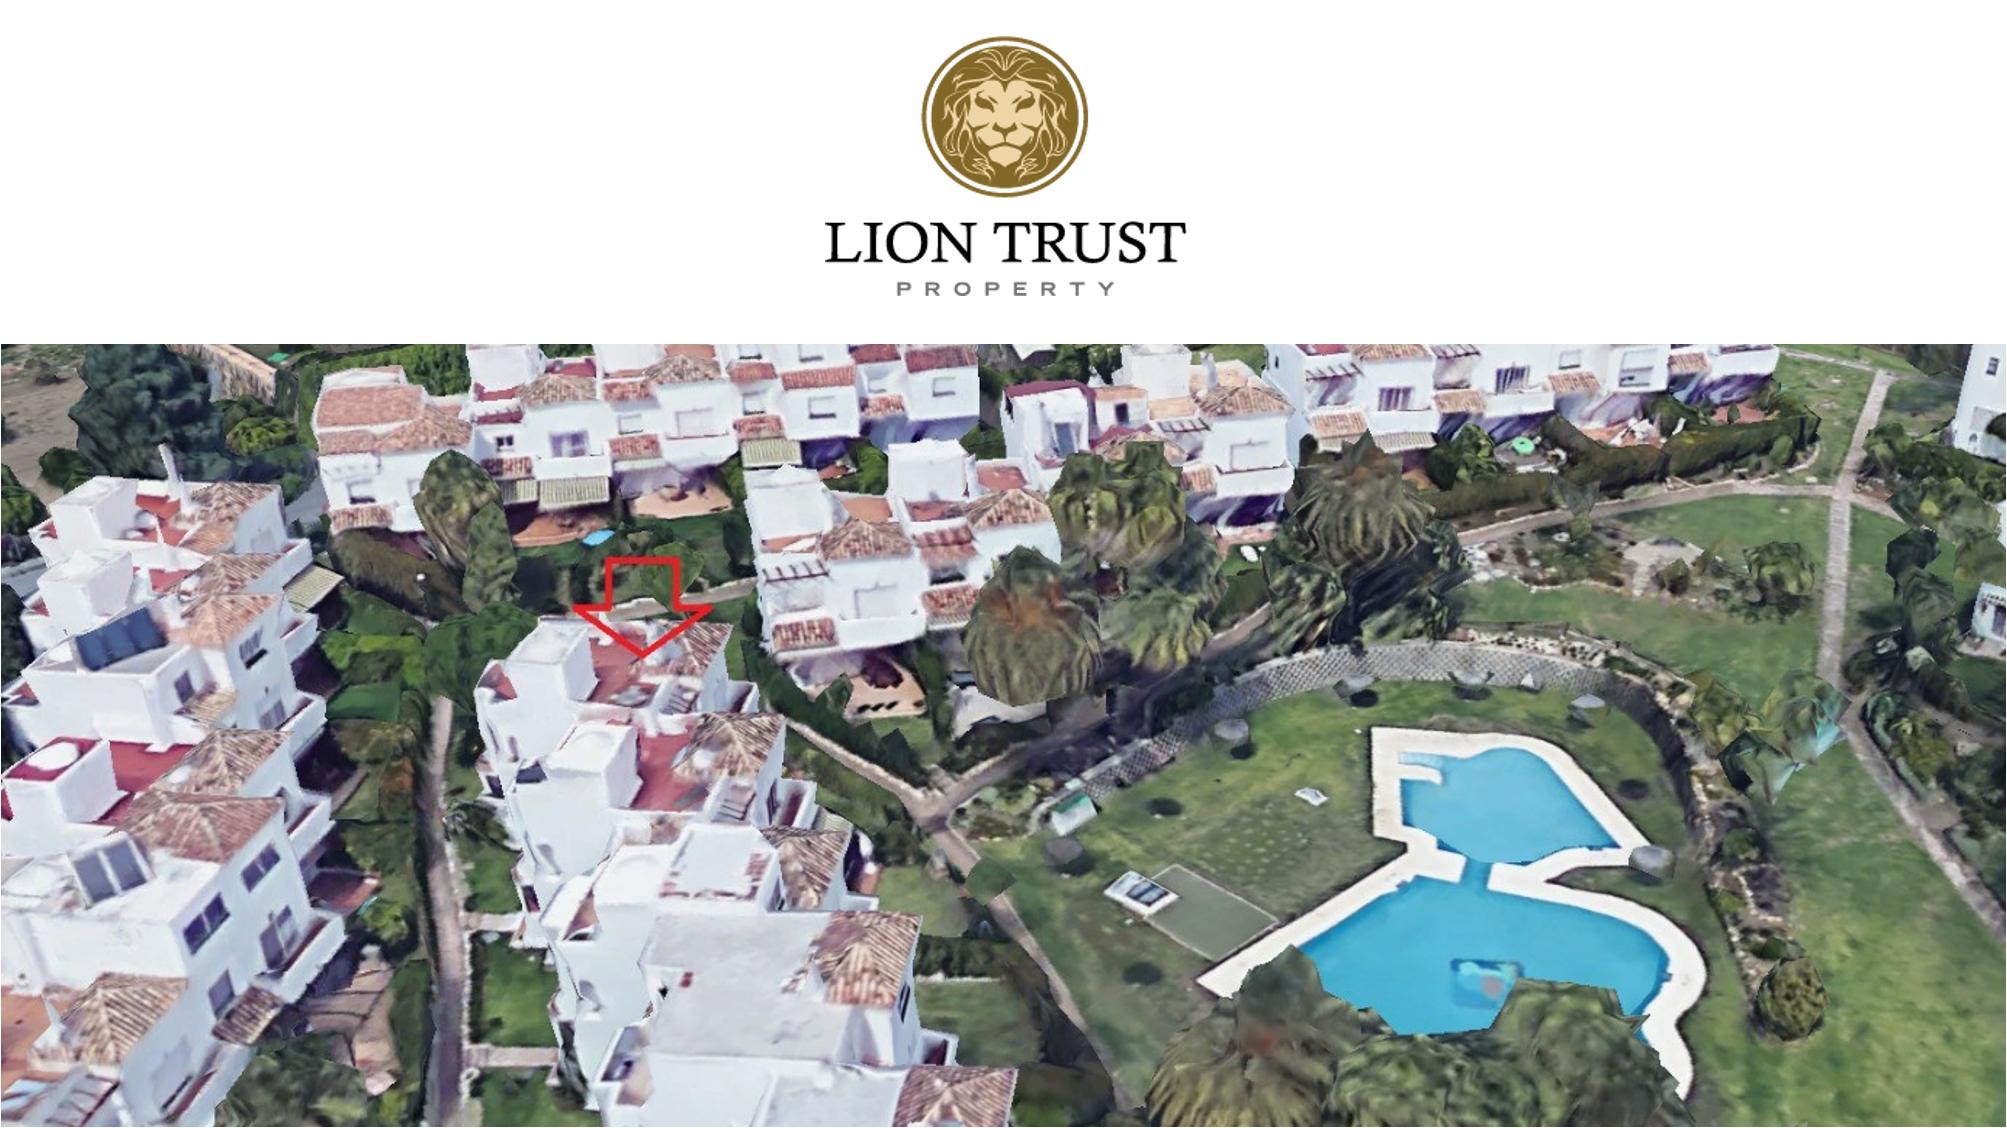 7a 1 - Lion Trust Spain